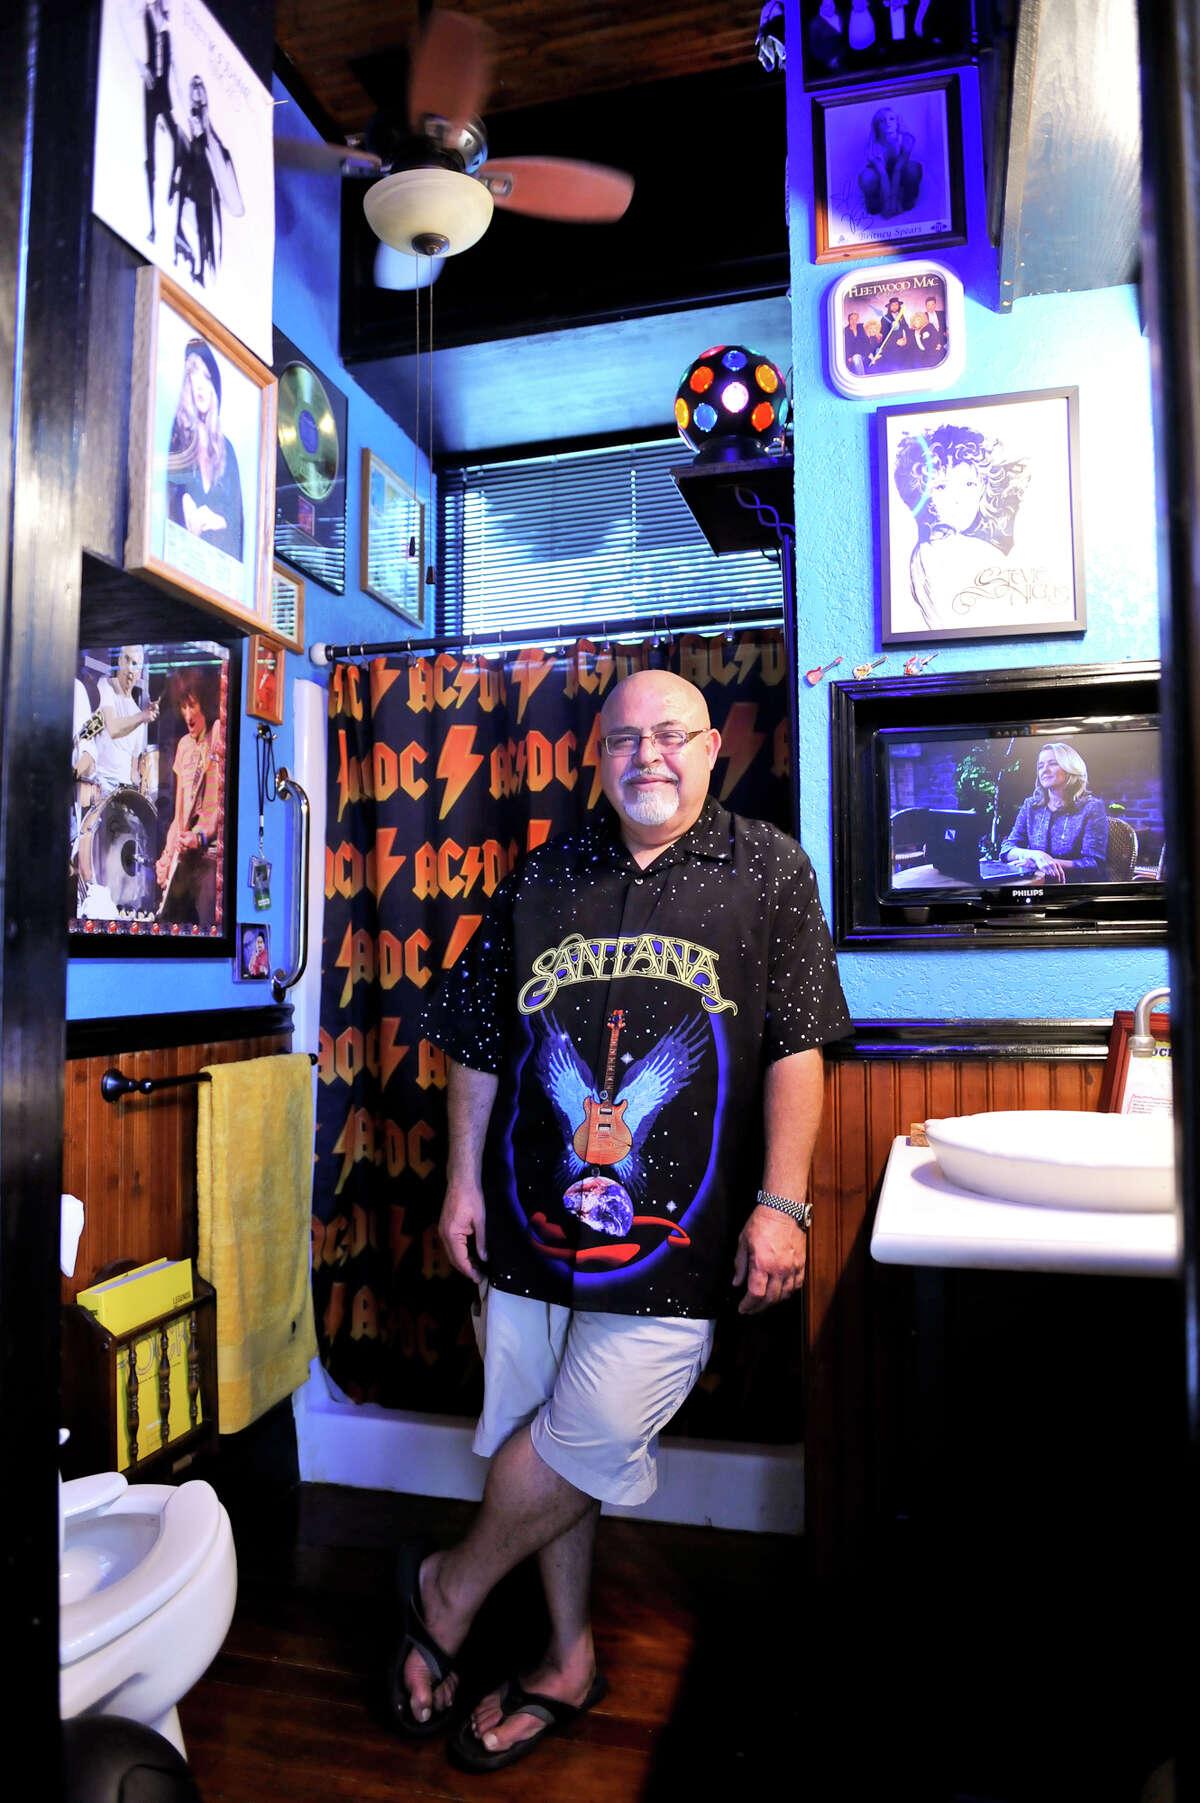 Al Lomas is proud of his rock-memorabilia-filled bathroom.